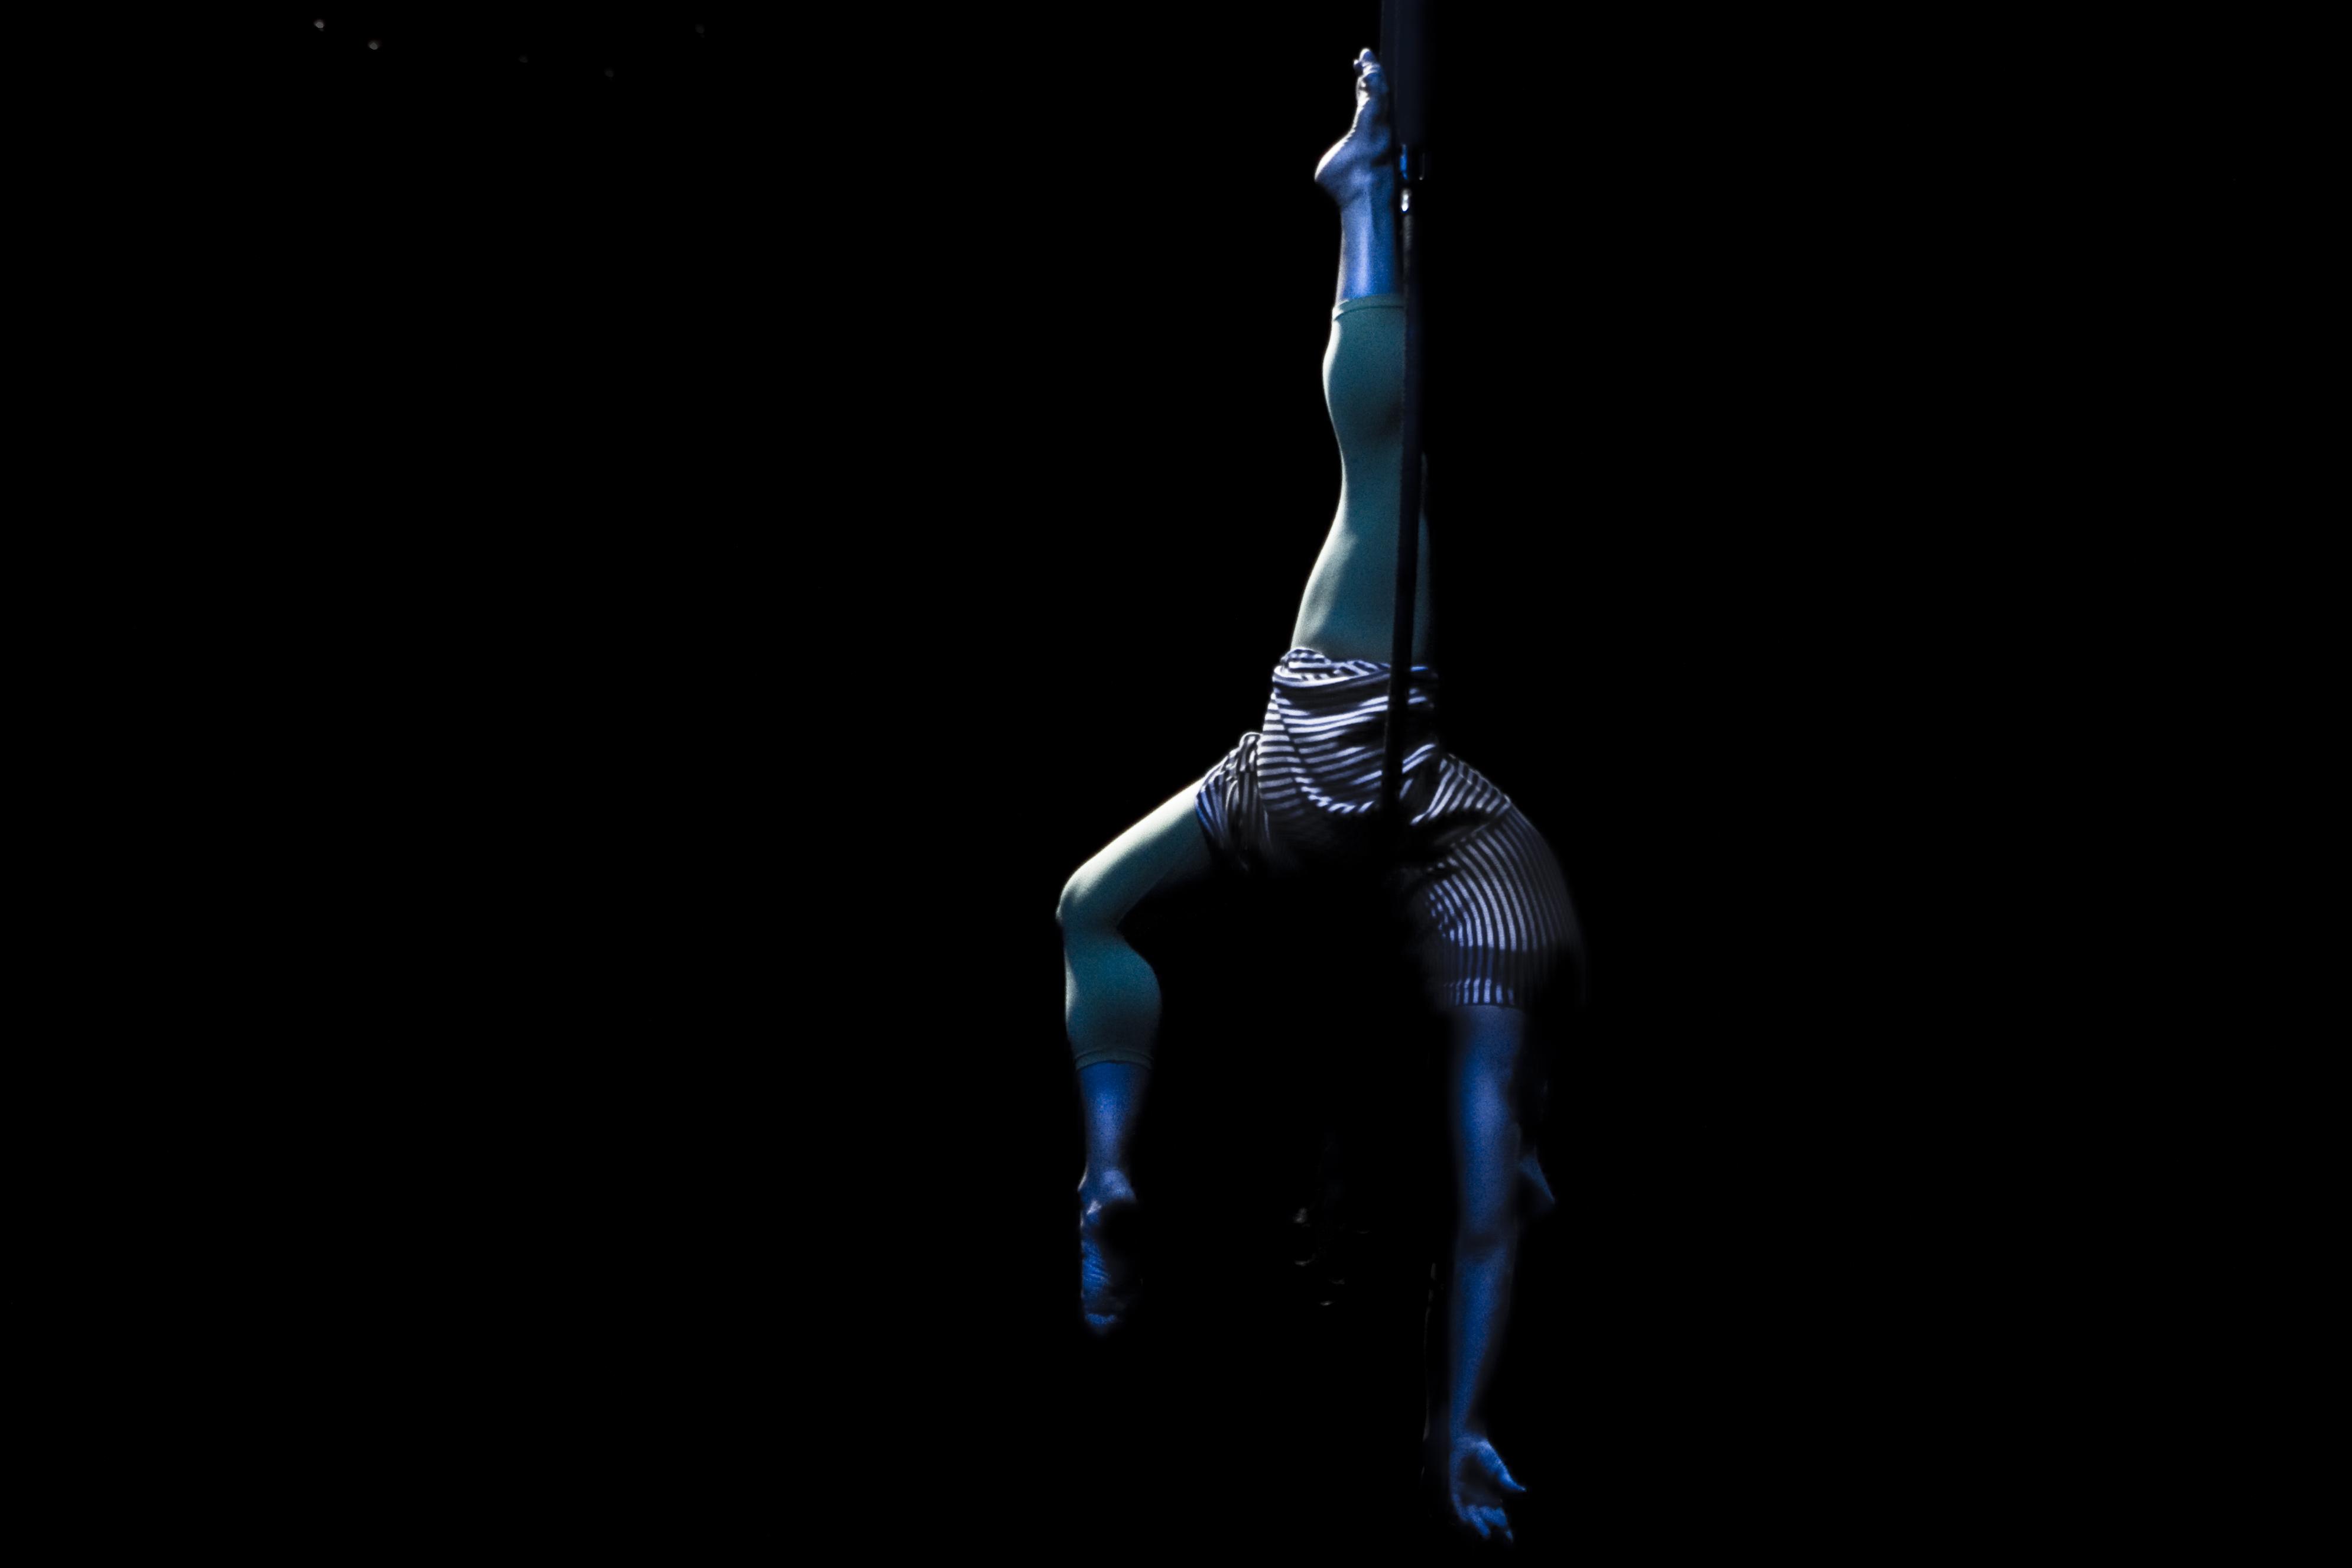 2012_02_05_circo_parola_CG_002